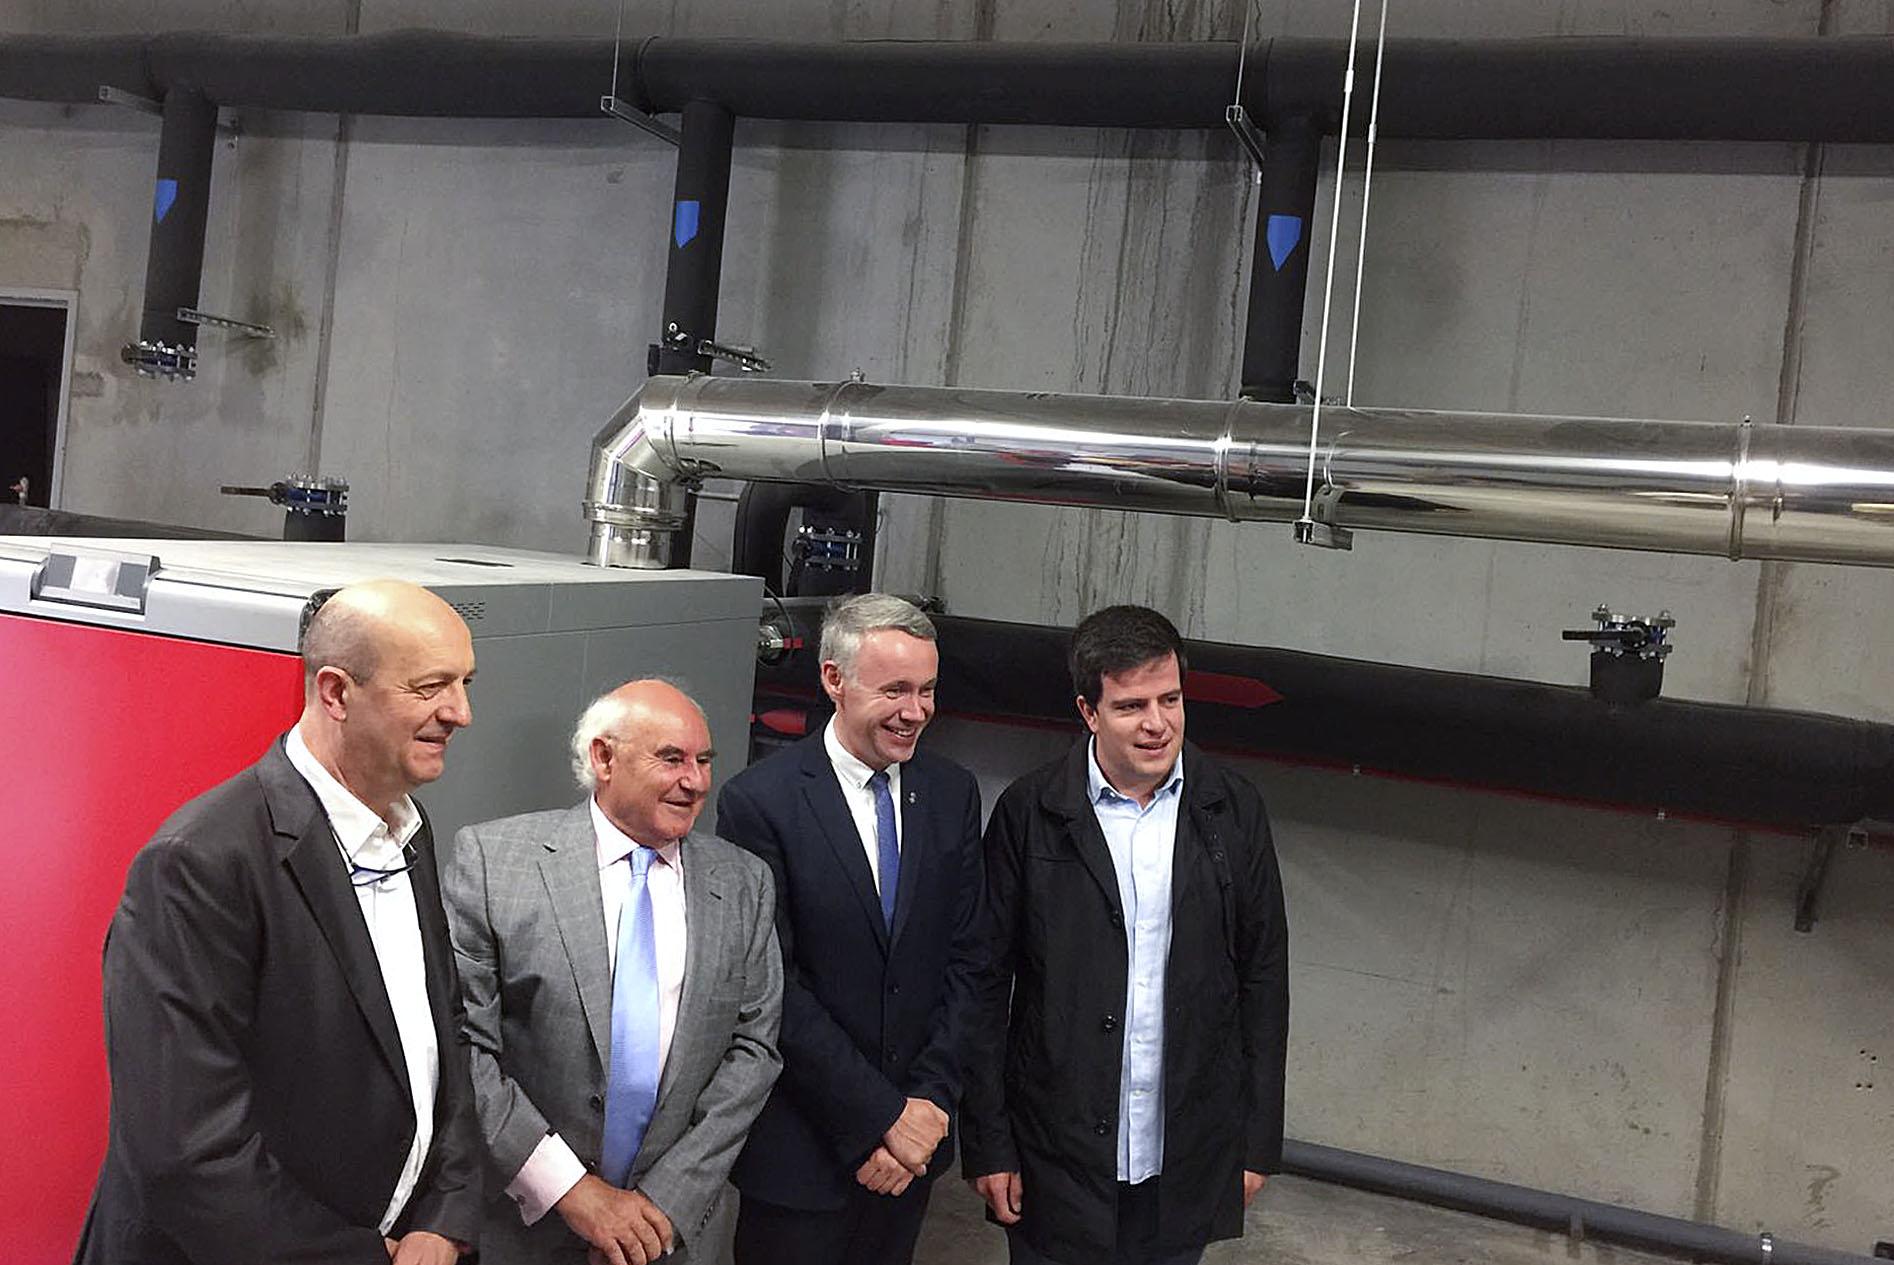 Miquel Rovira, Carlos Fernández, Albert Piñeira i Joan Manso davant d'una de les calderes de biomassa